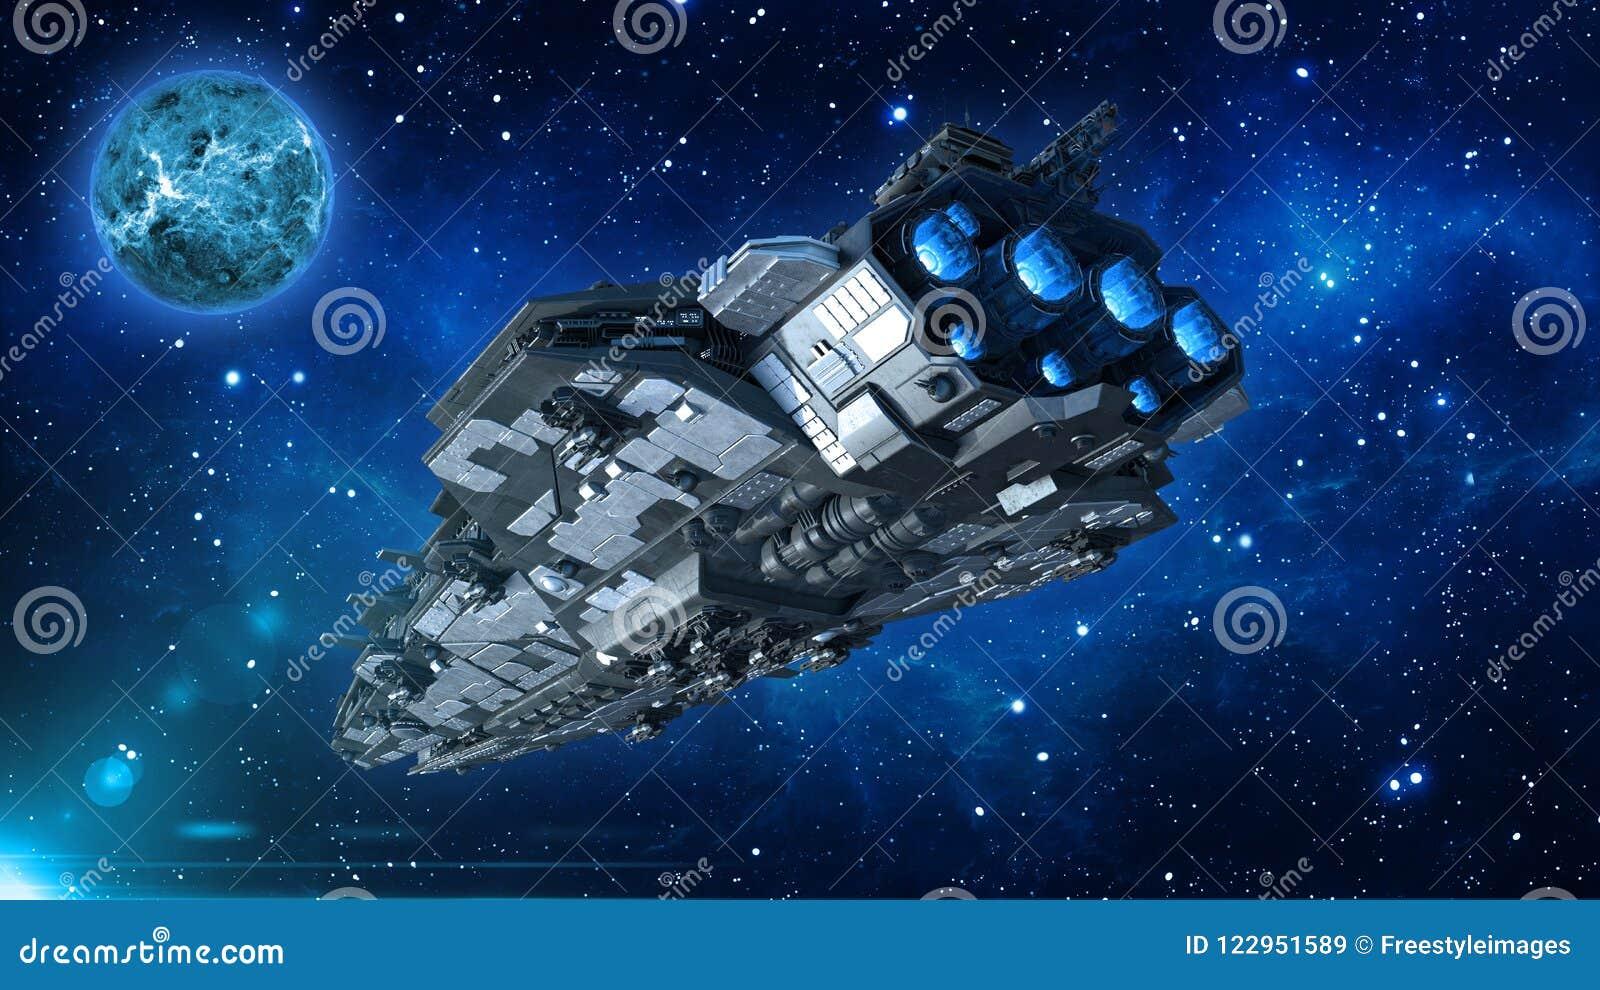 Ausländisches Raumschiff im Universum, im Raumfahrzeugfliegen im Weltraum mit Planeten und in den Sternen im Hintergrund, hintere